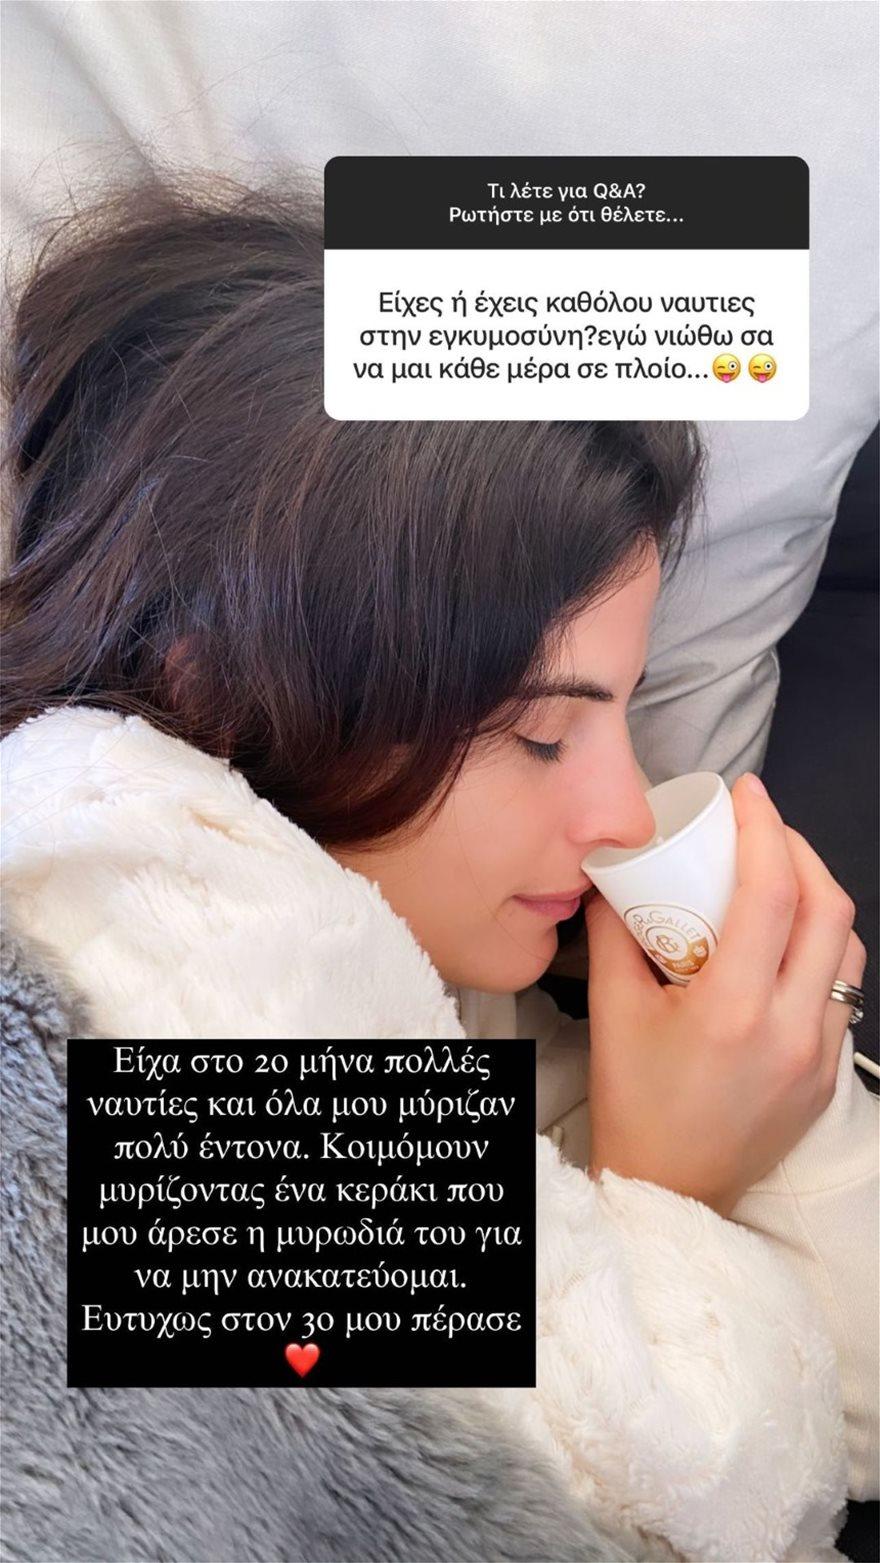 Xristina_-Sakis3